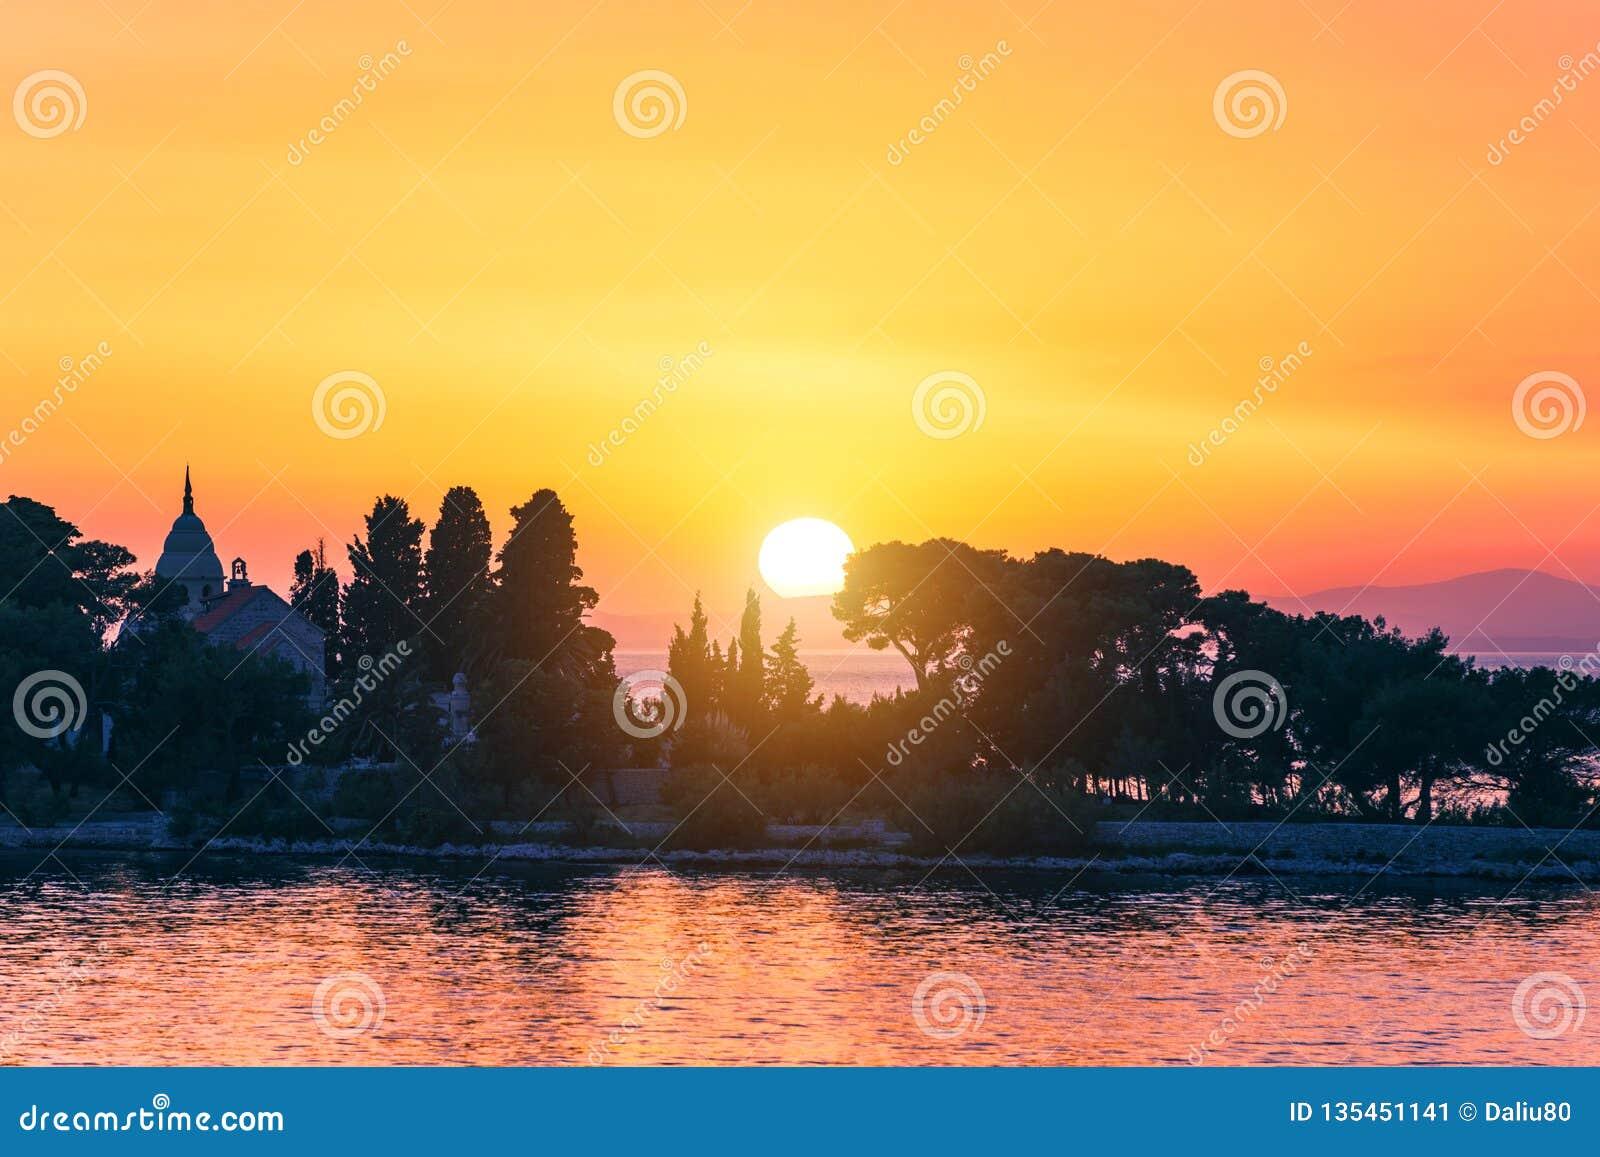 Заход солнца или небо восхода солнца над морем Природа, погода, атмосфера, тема перемещения Восход солнца или заход солнца над мо